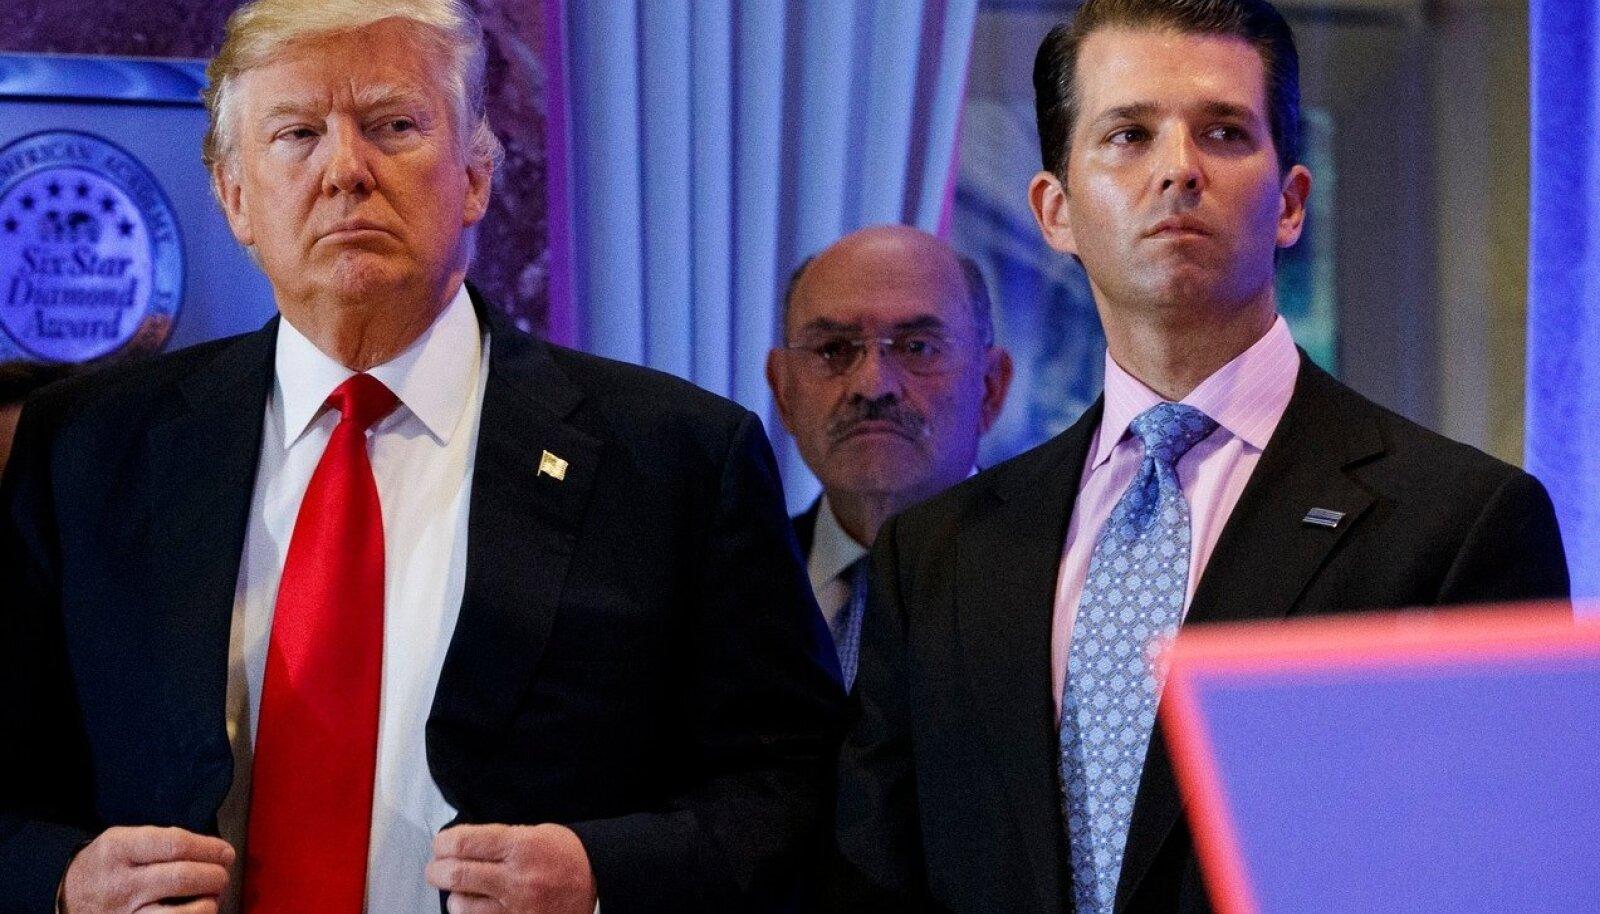 Donald Trump, Allen Weisselberg, Donald Trump jr